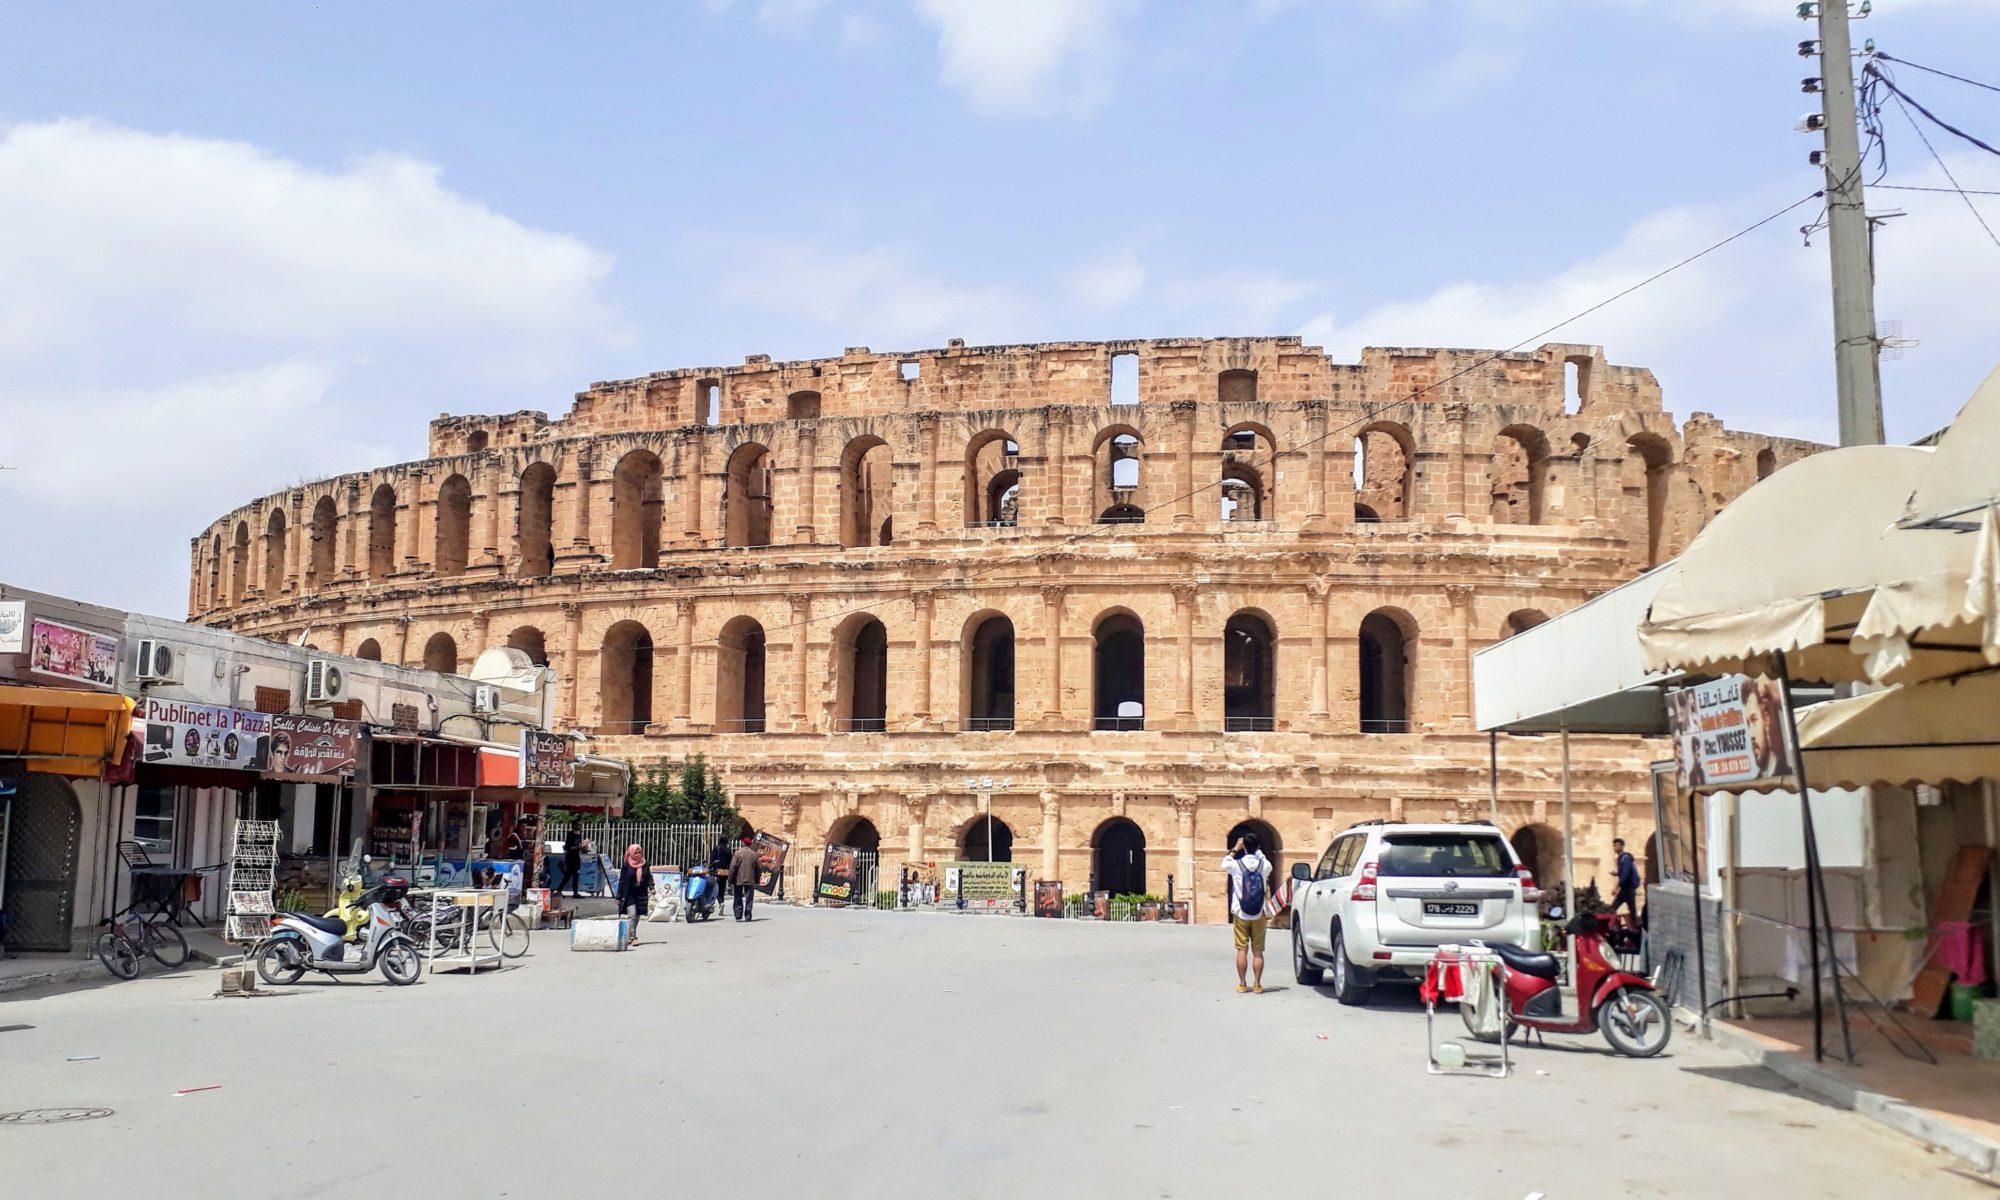 El Djem: Drittgrößtes Amphitheater des Römischen Reiches